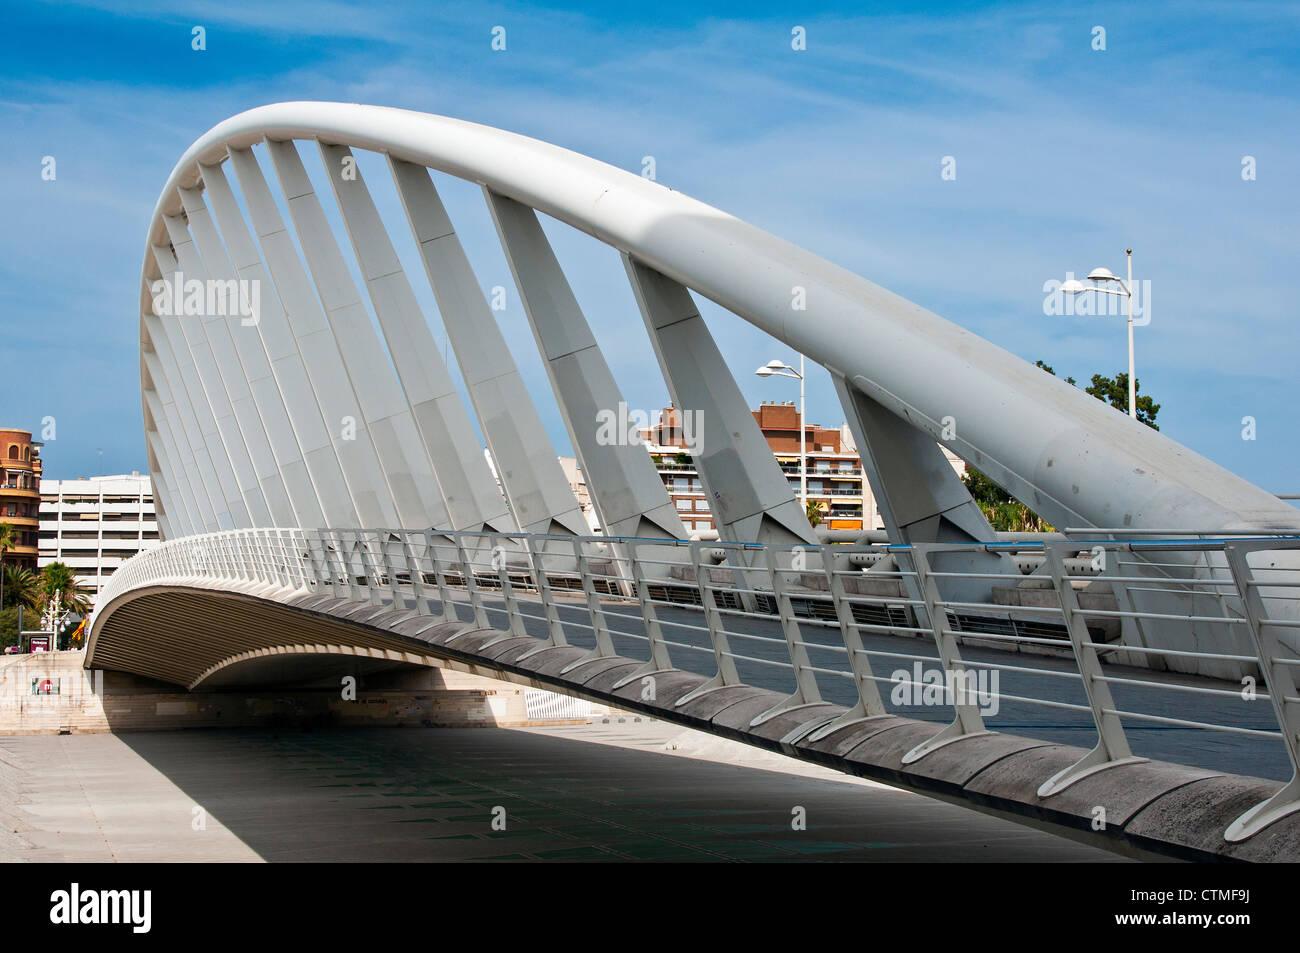 Exposition Bridge or Puente de la Exposición by architect Santiago Calatrava, Valencia, Spain - Stock Image